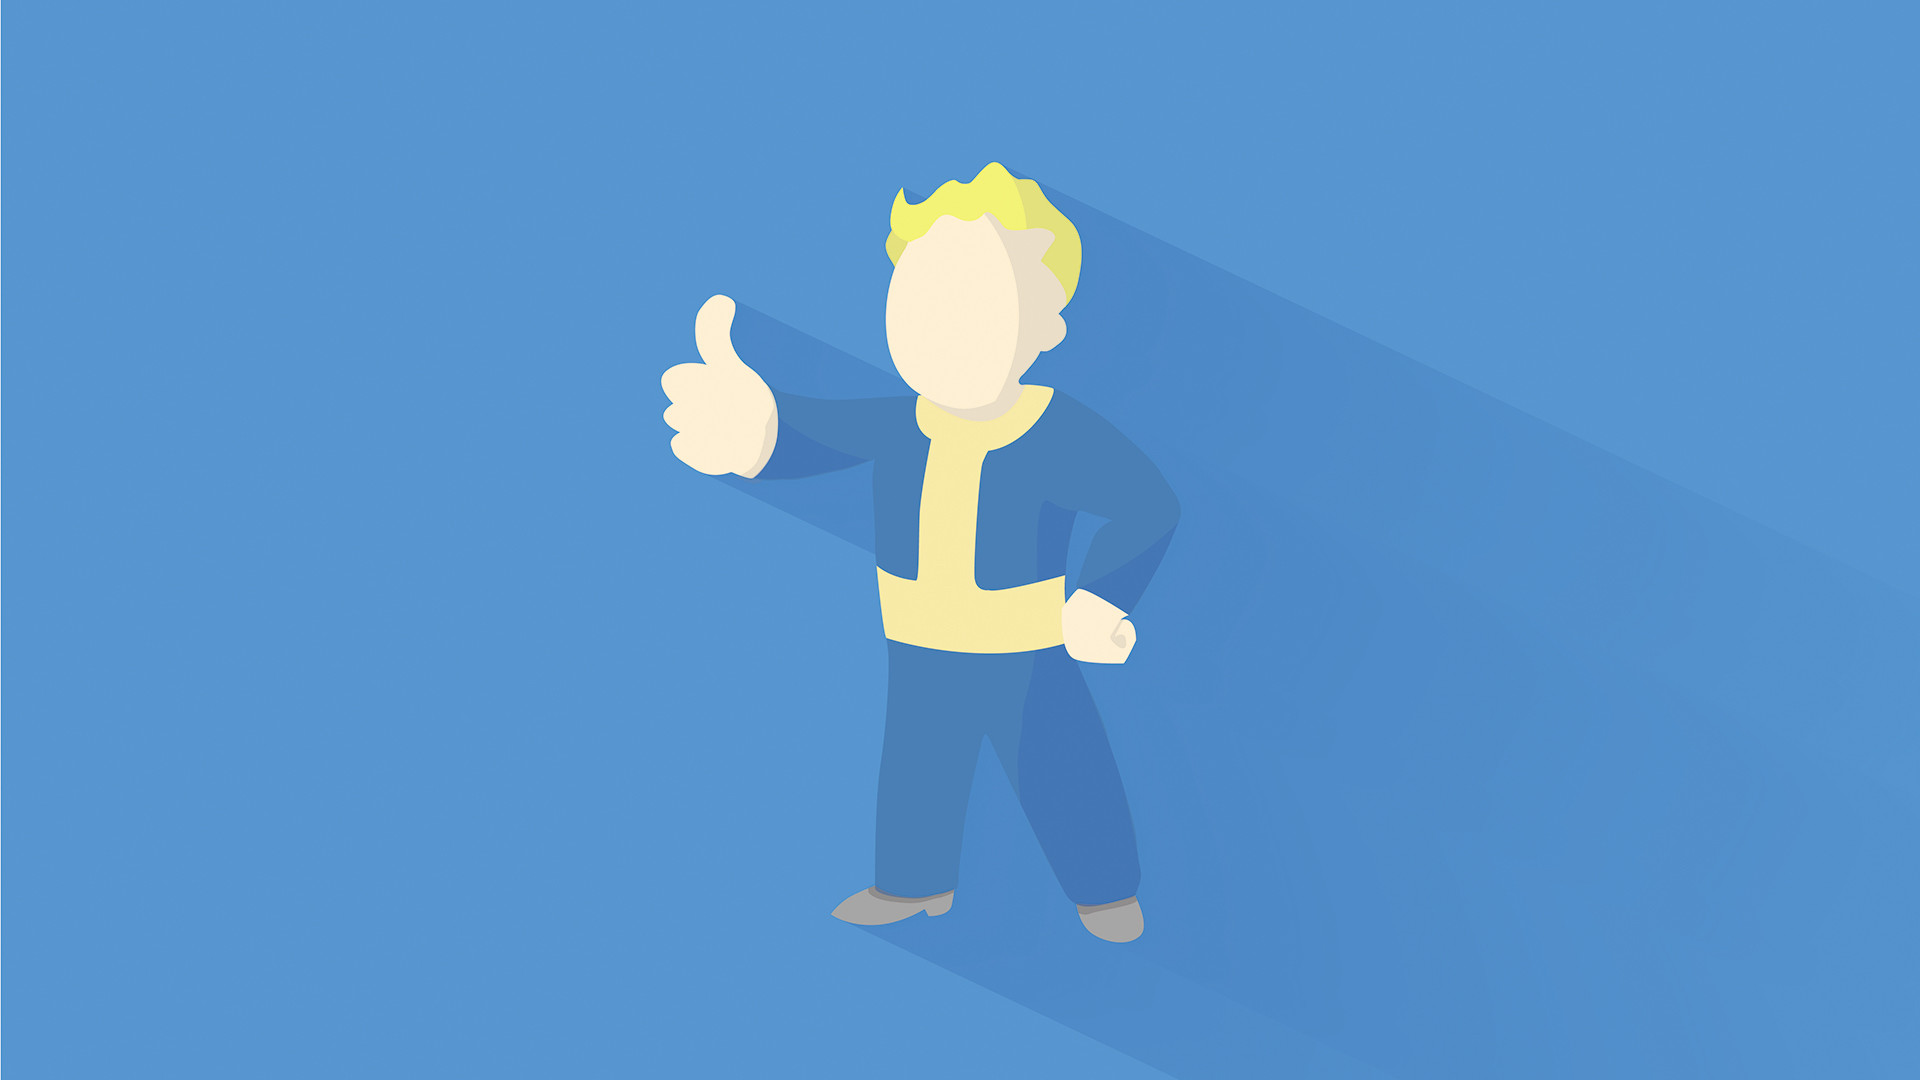 11. Fallout 4 Pip-Boy